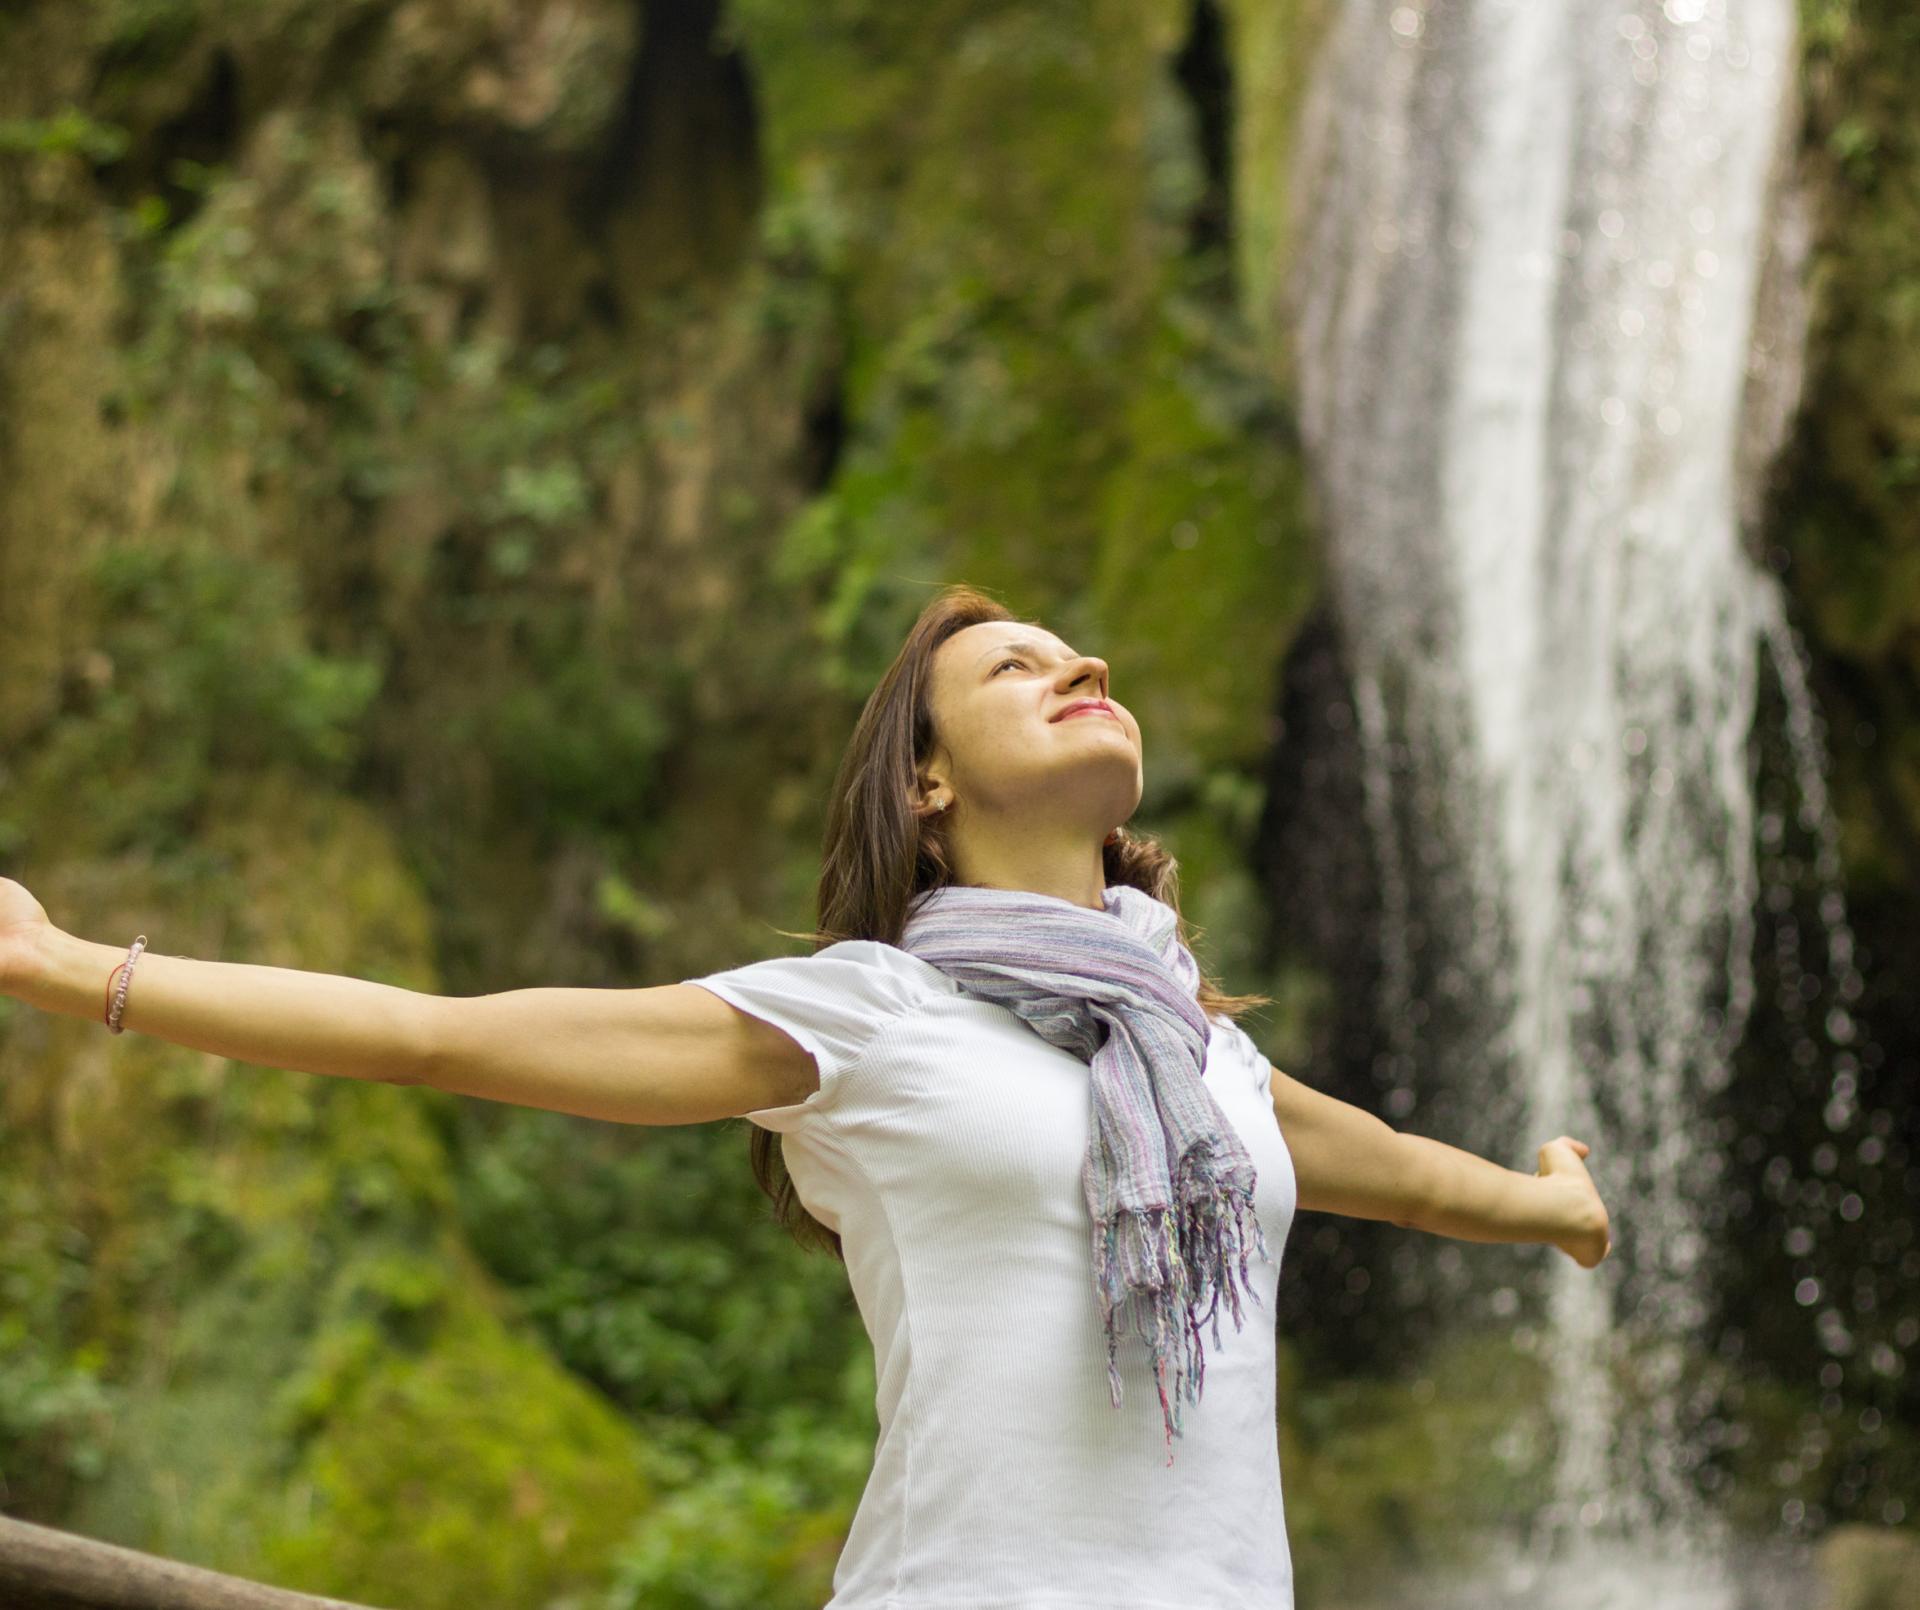 Le défi d'être soi : la reconnexion à soi - oser se lancer dans sa propre découverte intérieure - www.pertinentstrategy.com